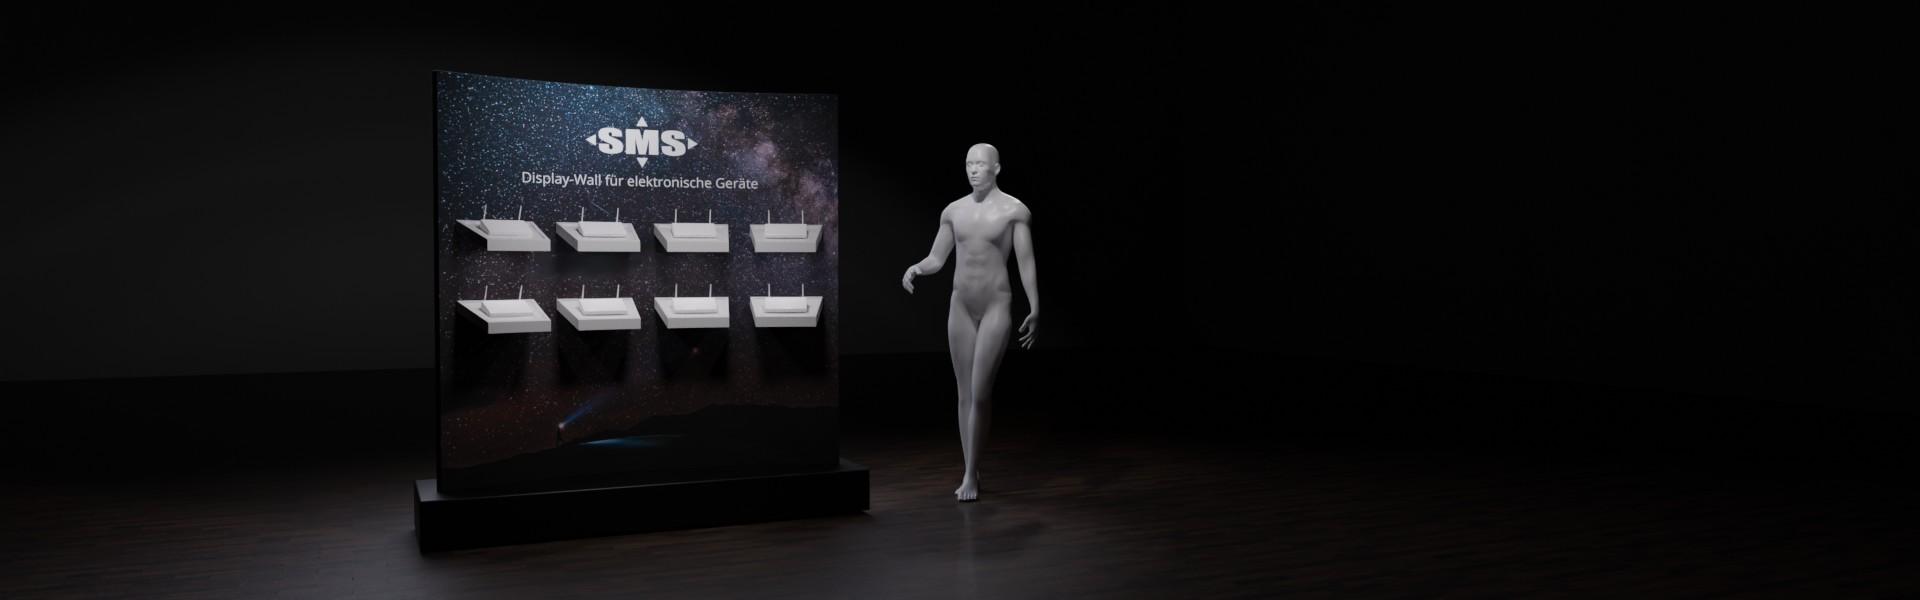 Bewegliche Wand zur Ausstellung elektronischer Geräte